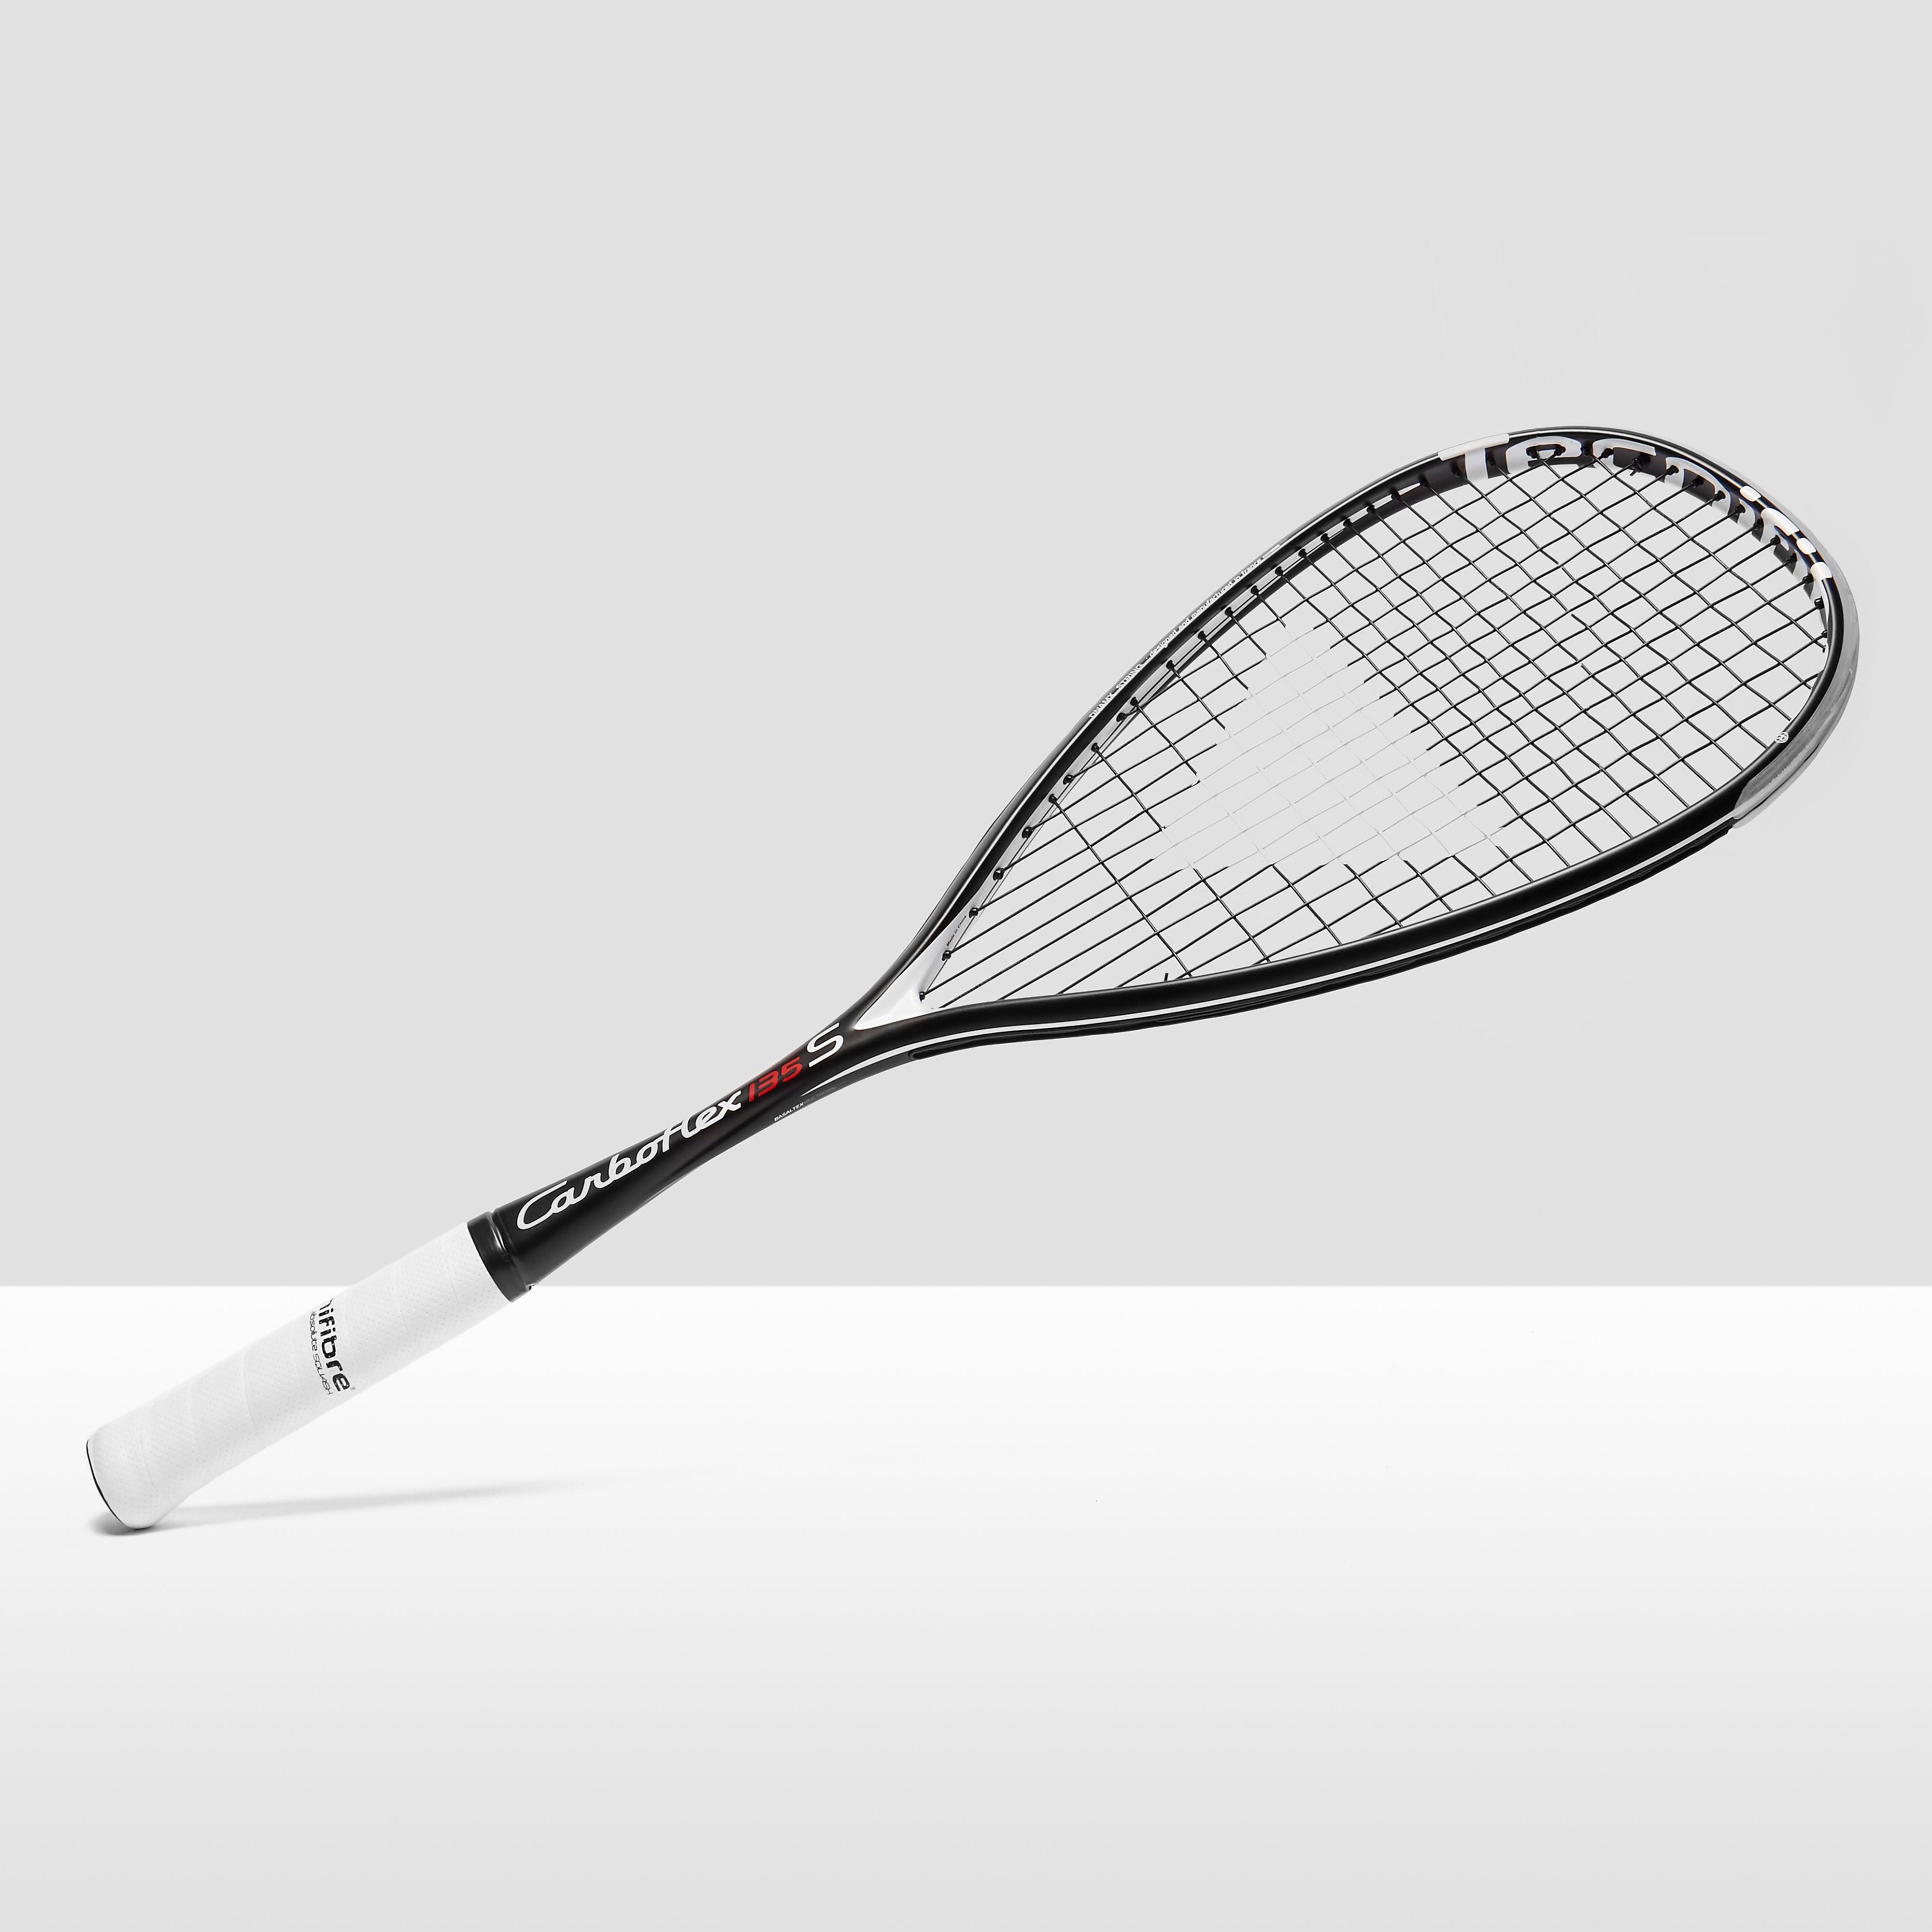 Tecnifibre Carboflex 135 Squash Racket